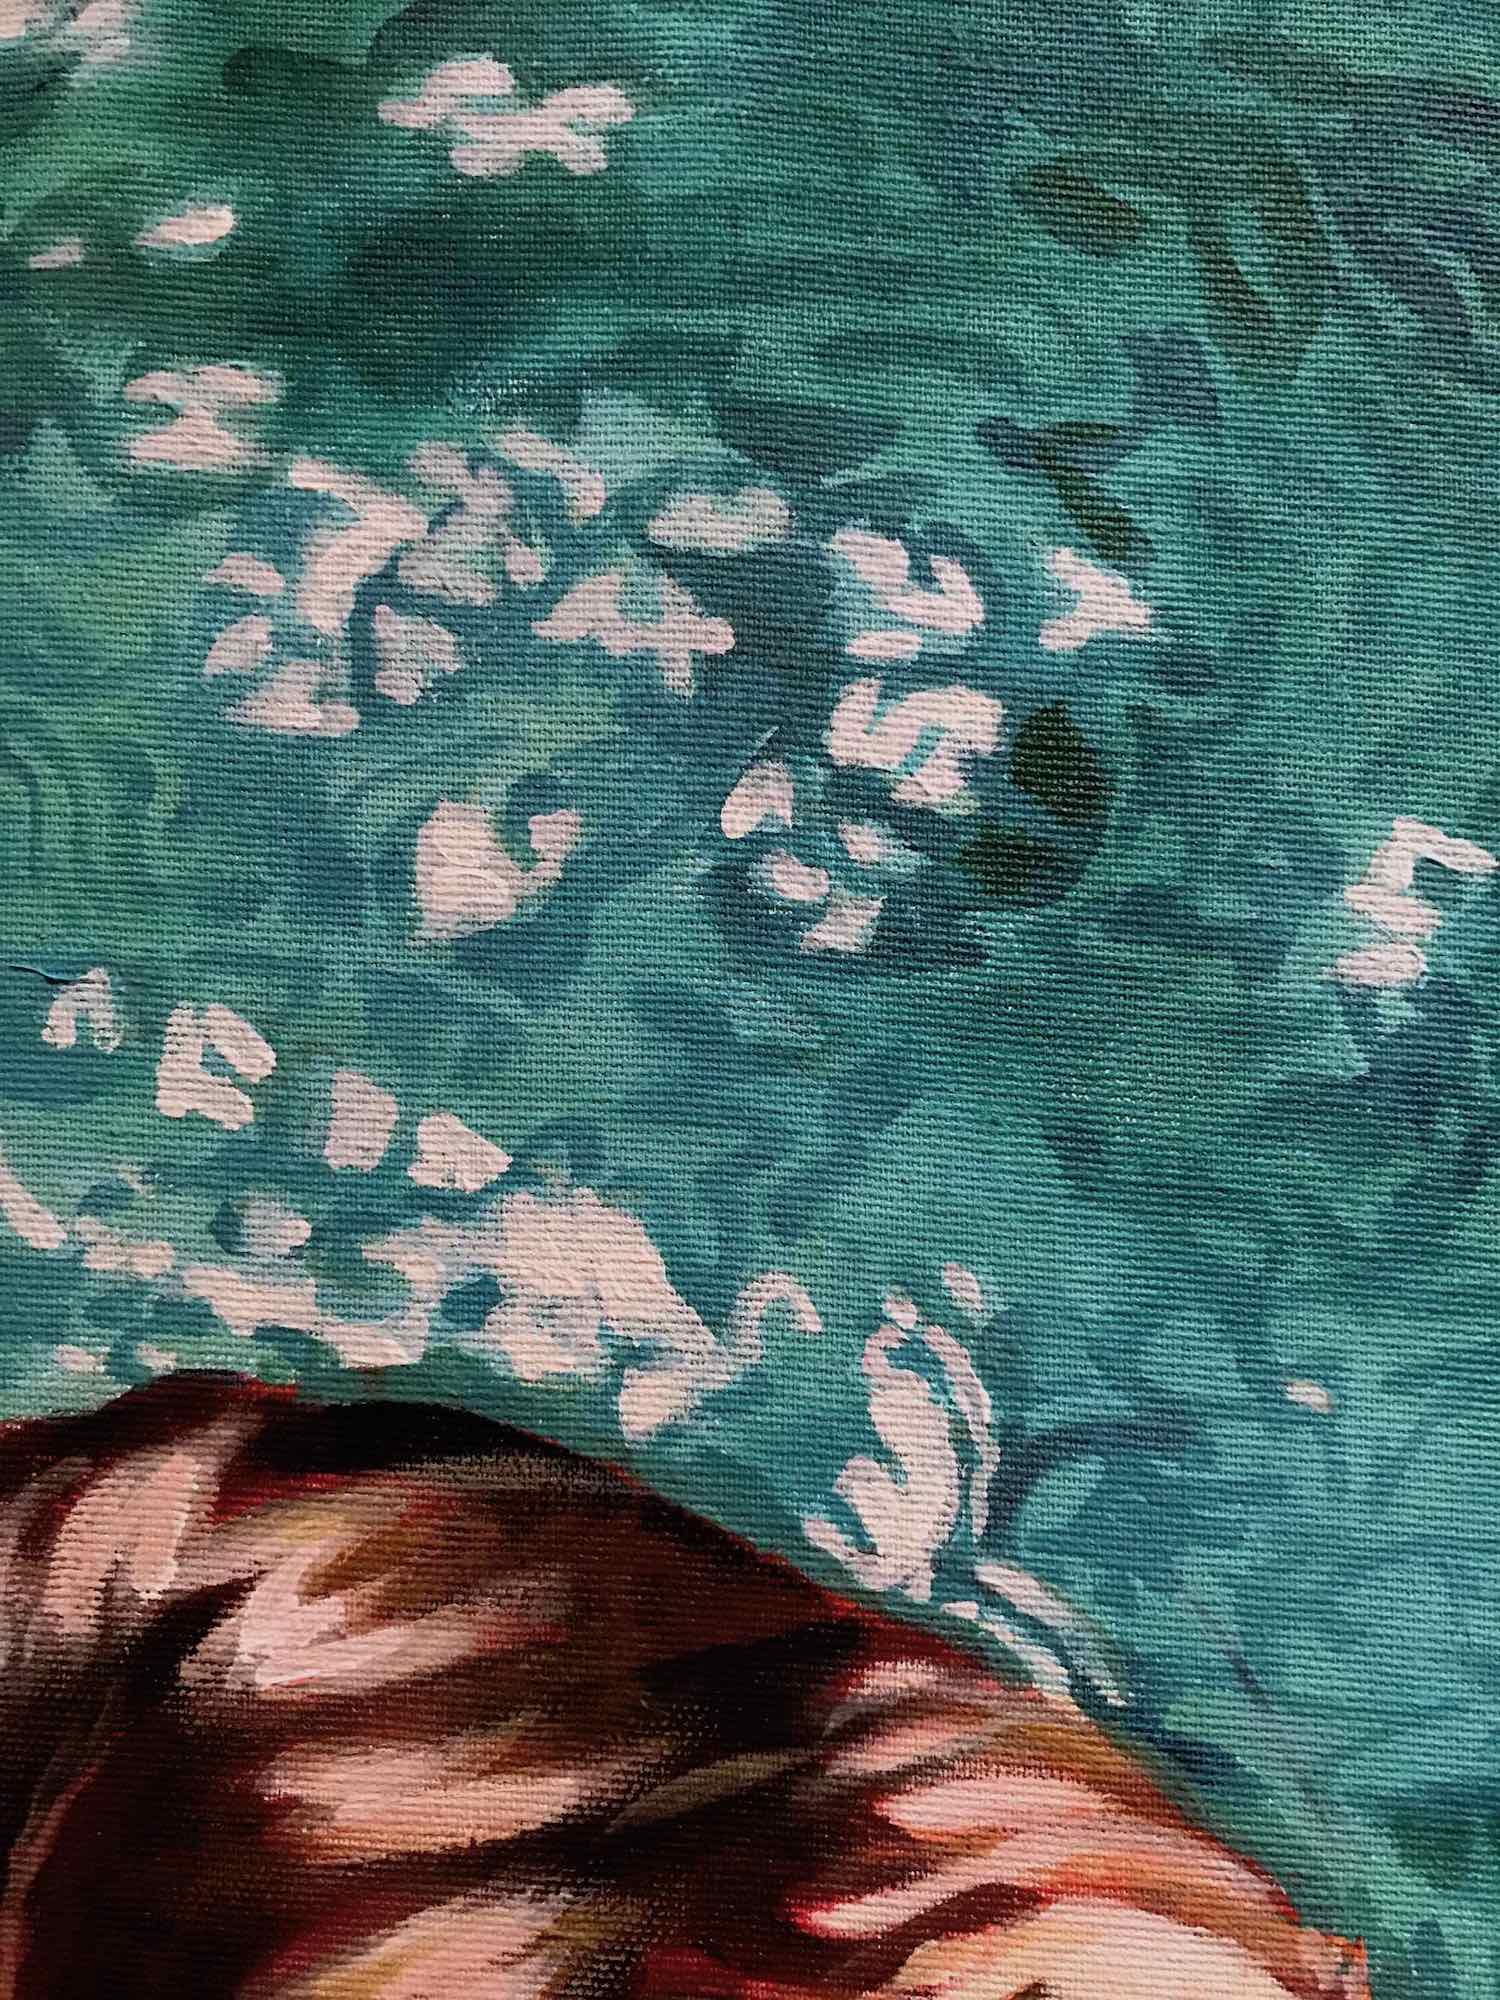 samaria-antoinerenault-art-oilpainting-saatchiart-Fin-zoom 2